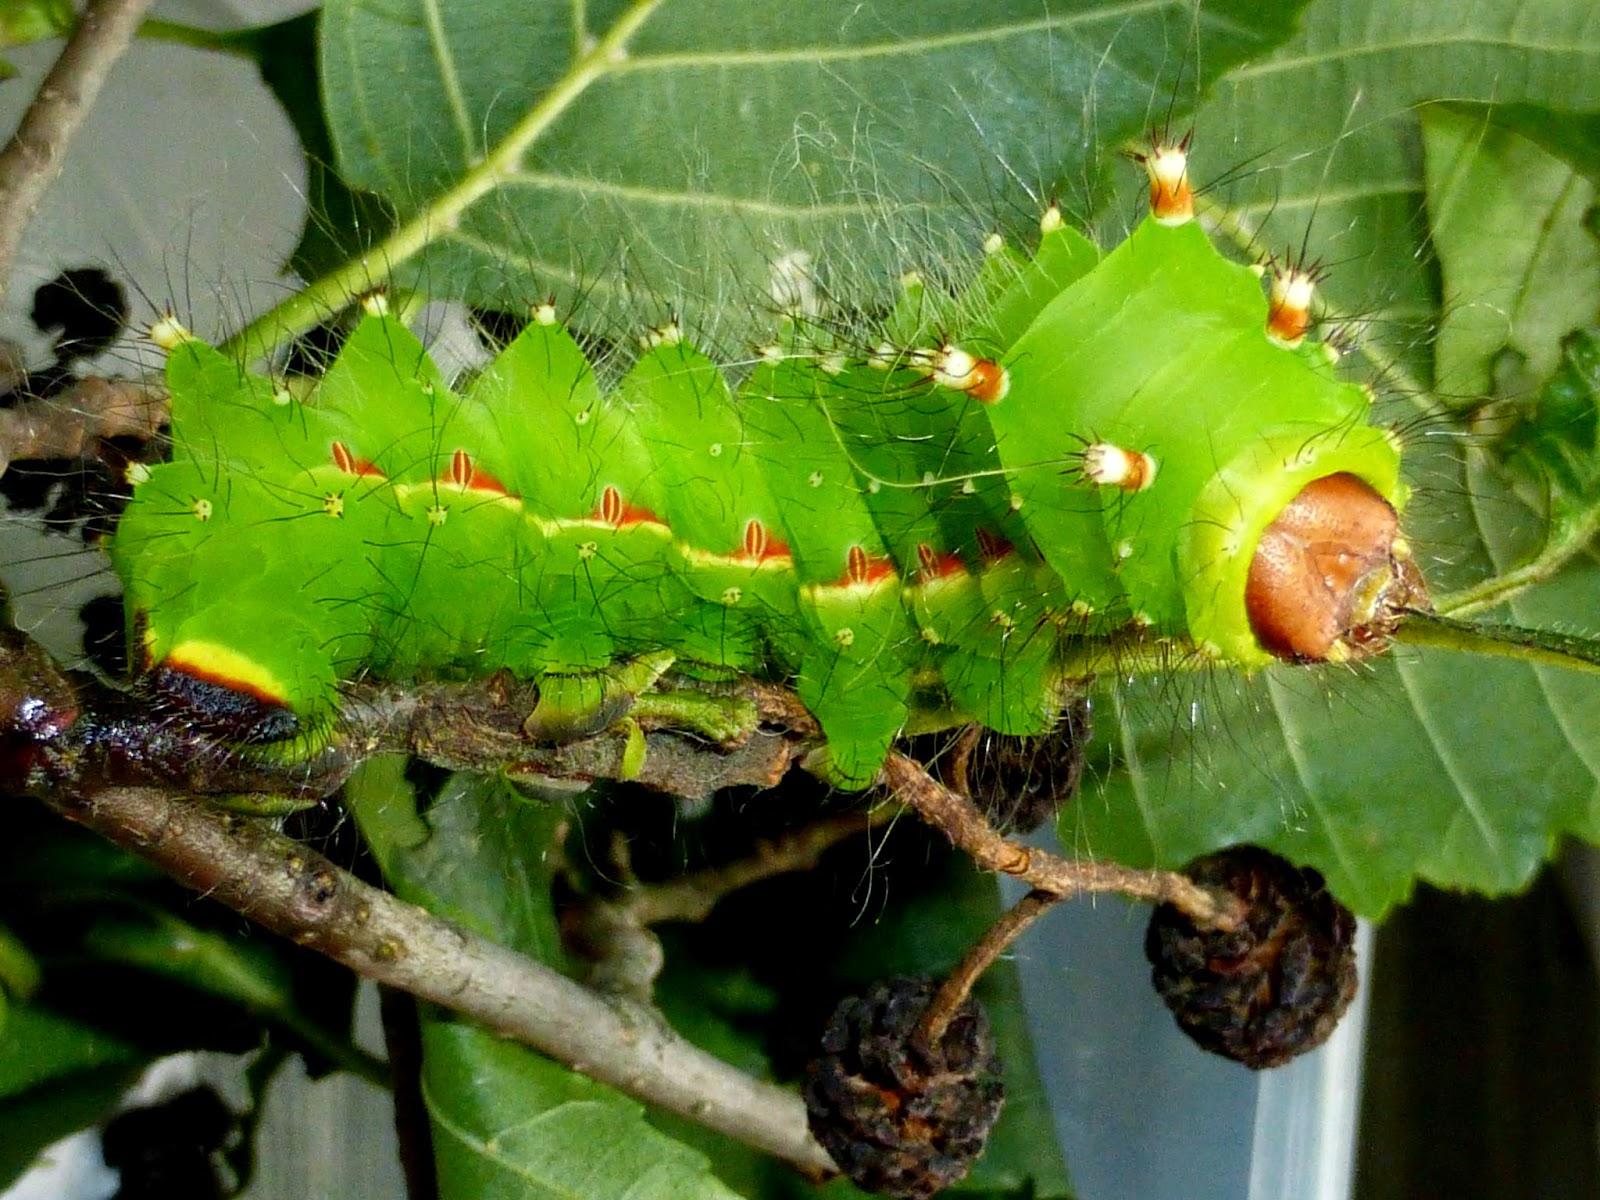 Actias sjoeqvisti L5 caterpillar